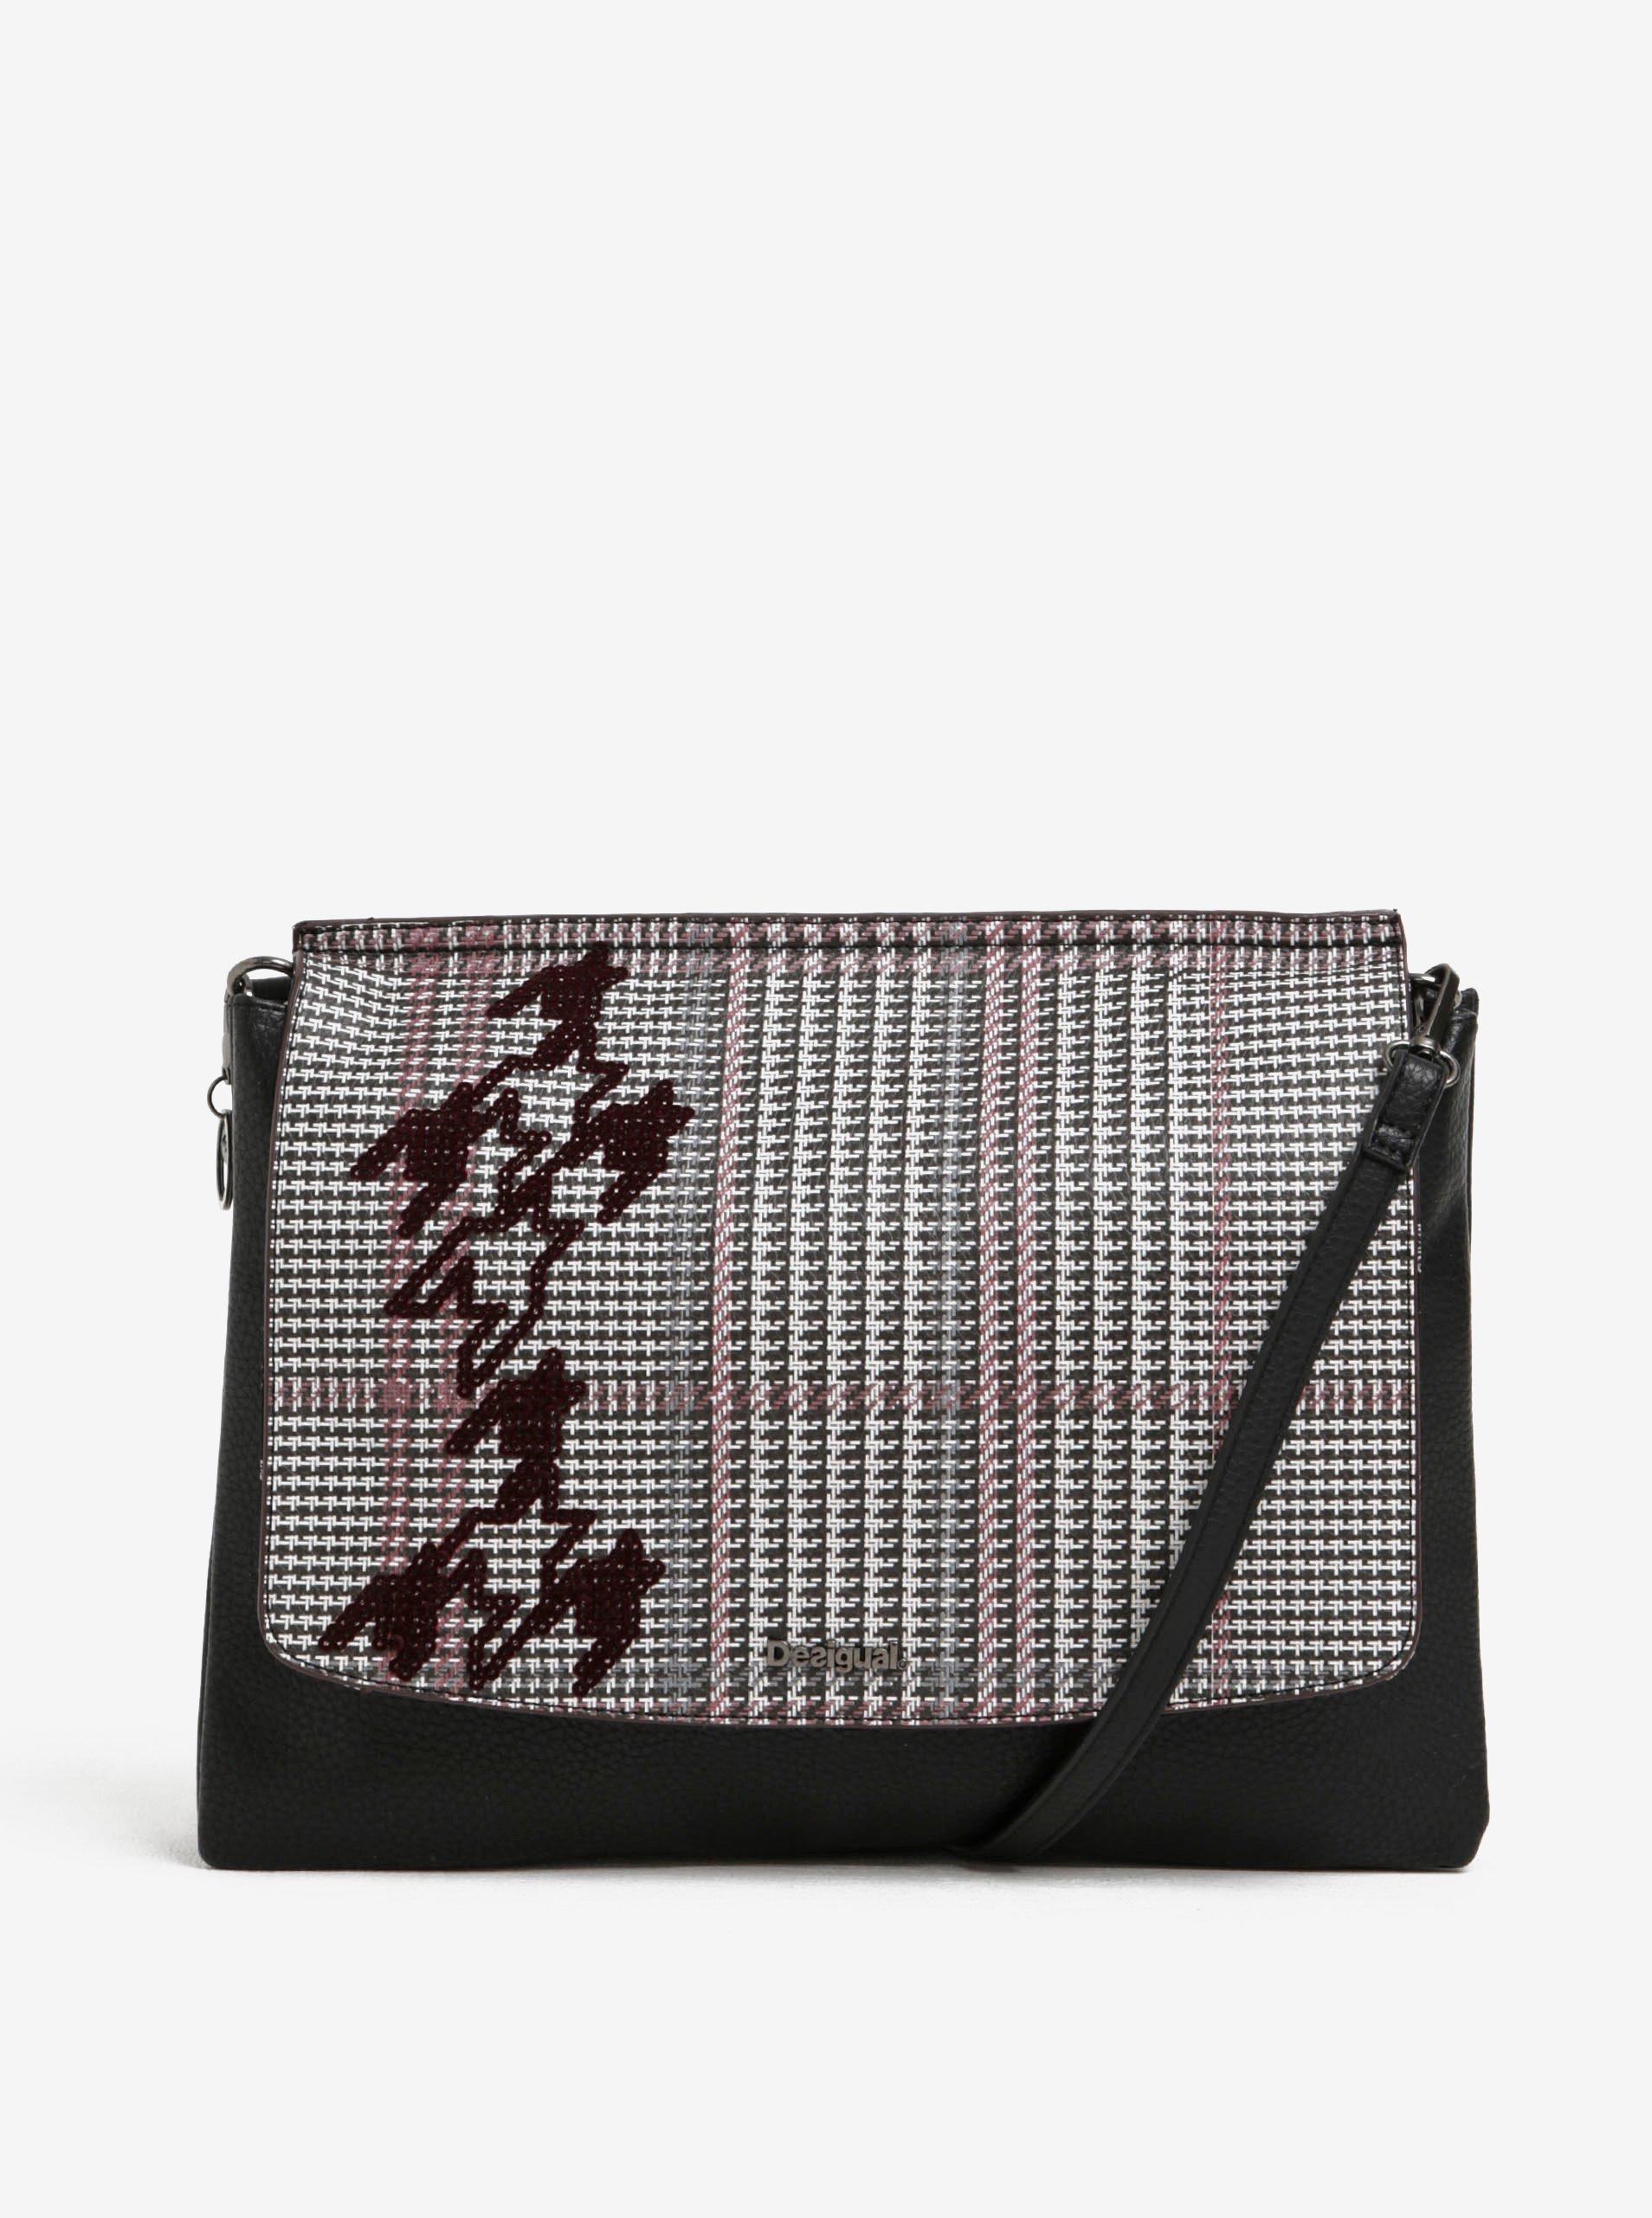 Černá vzorovaná crossbody kabelka Desigual Amberes Maxi Climber d14d3e61785